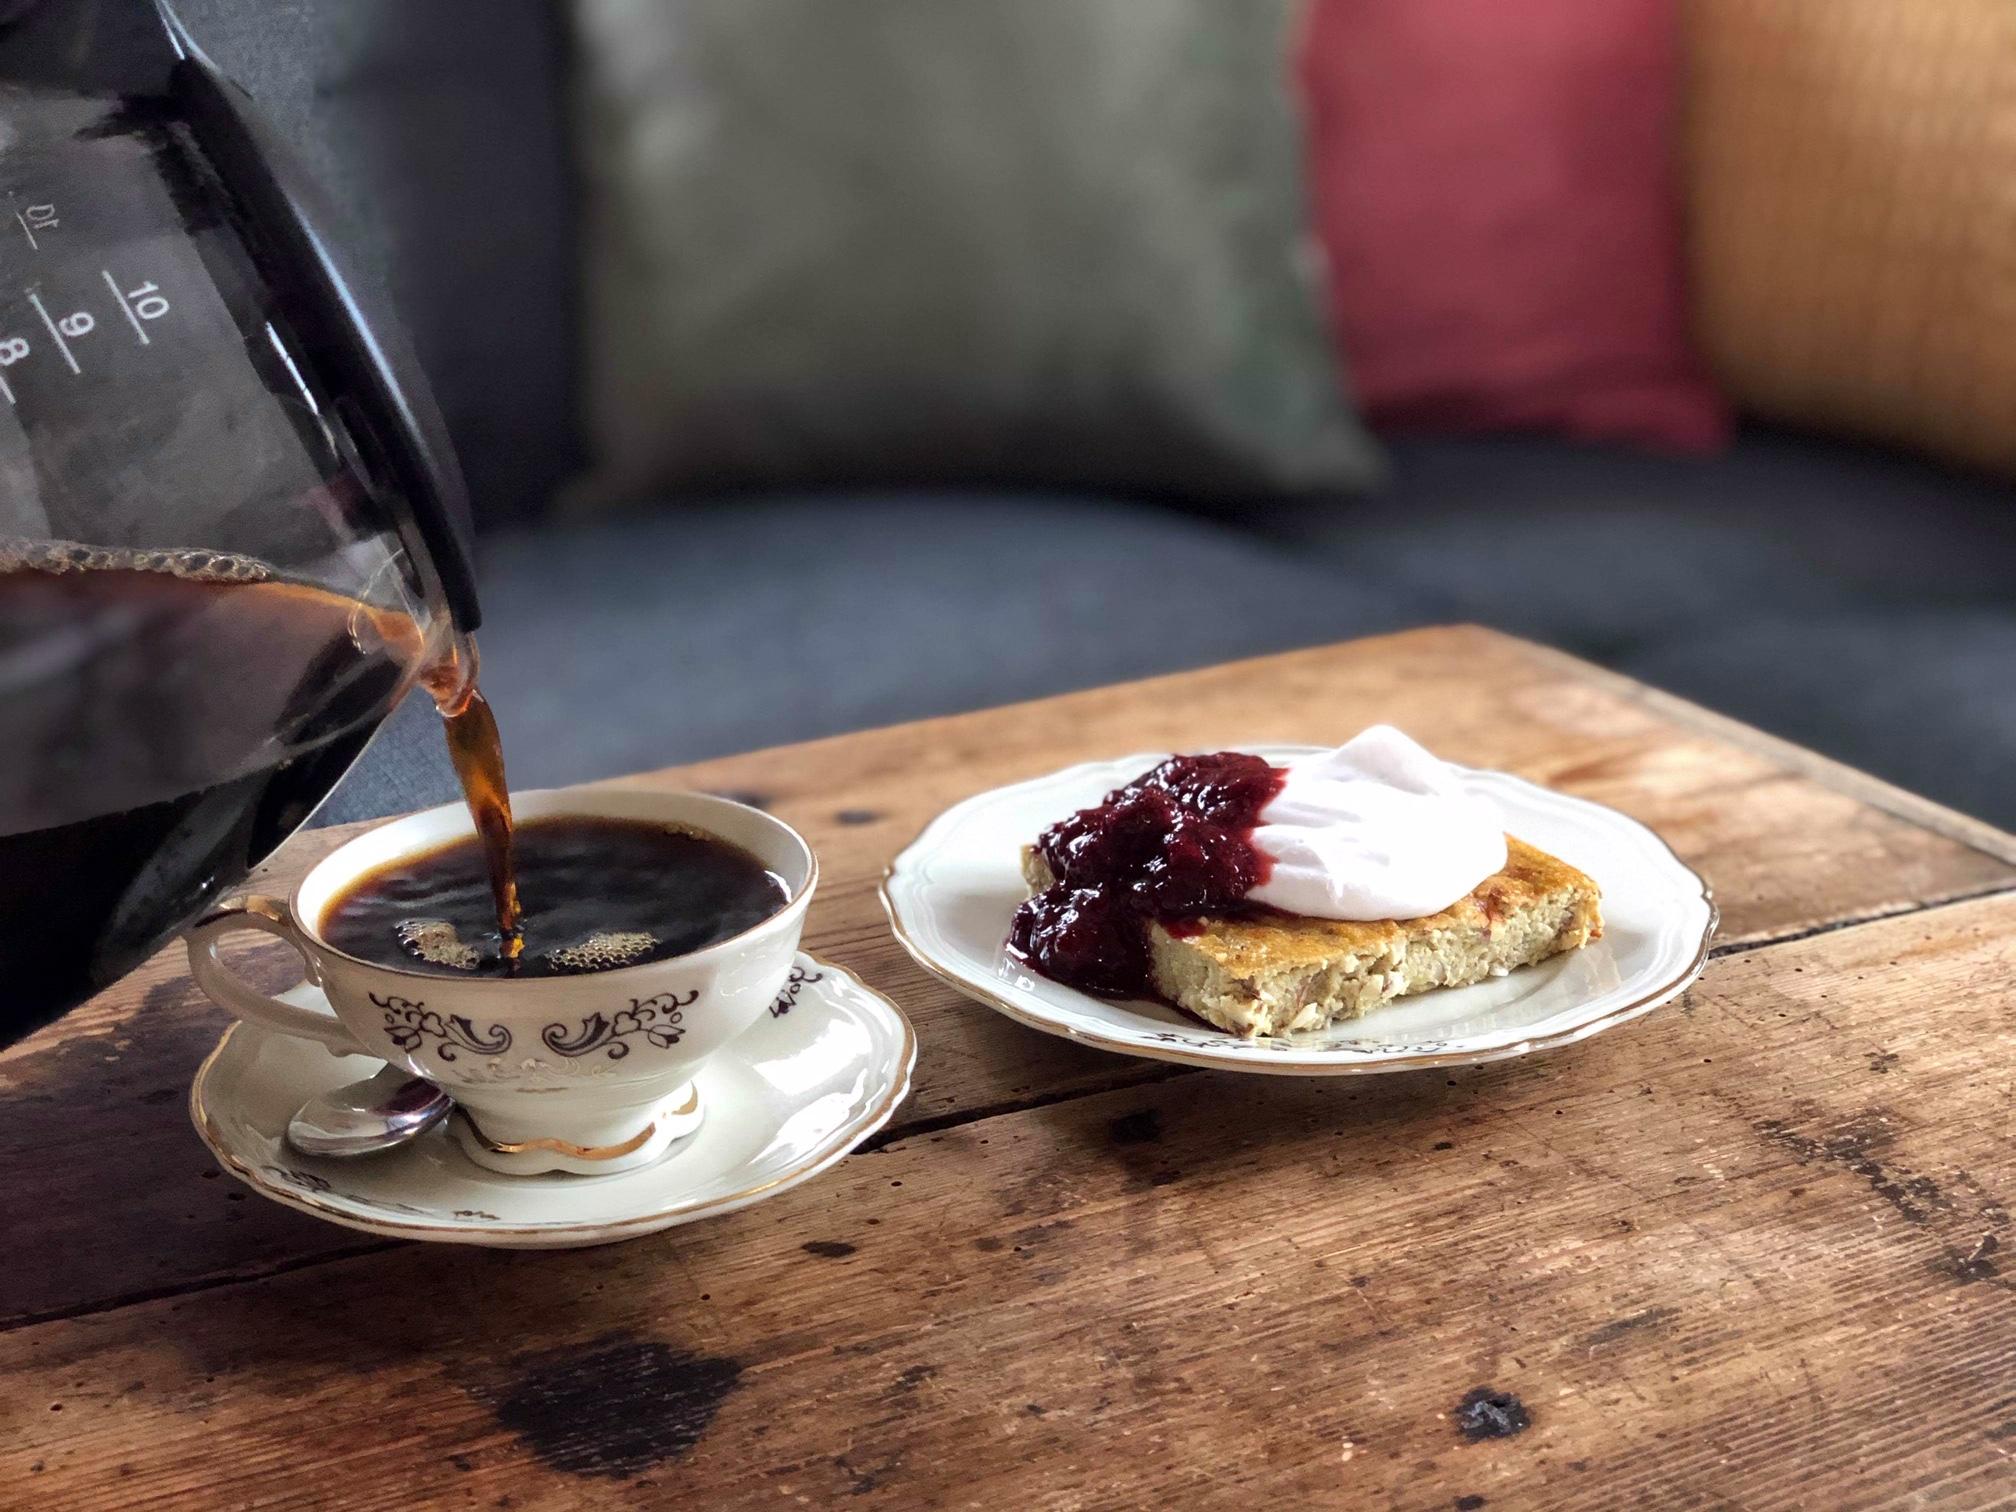 Falsk ostkaka framdukad och kaffe som hälls upp i kopp